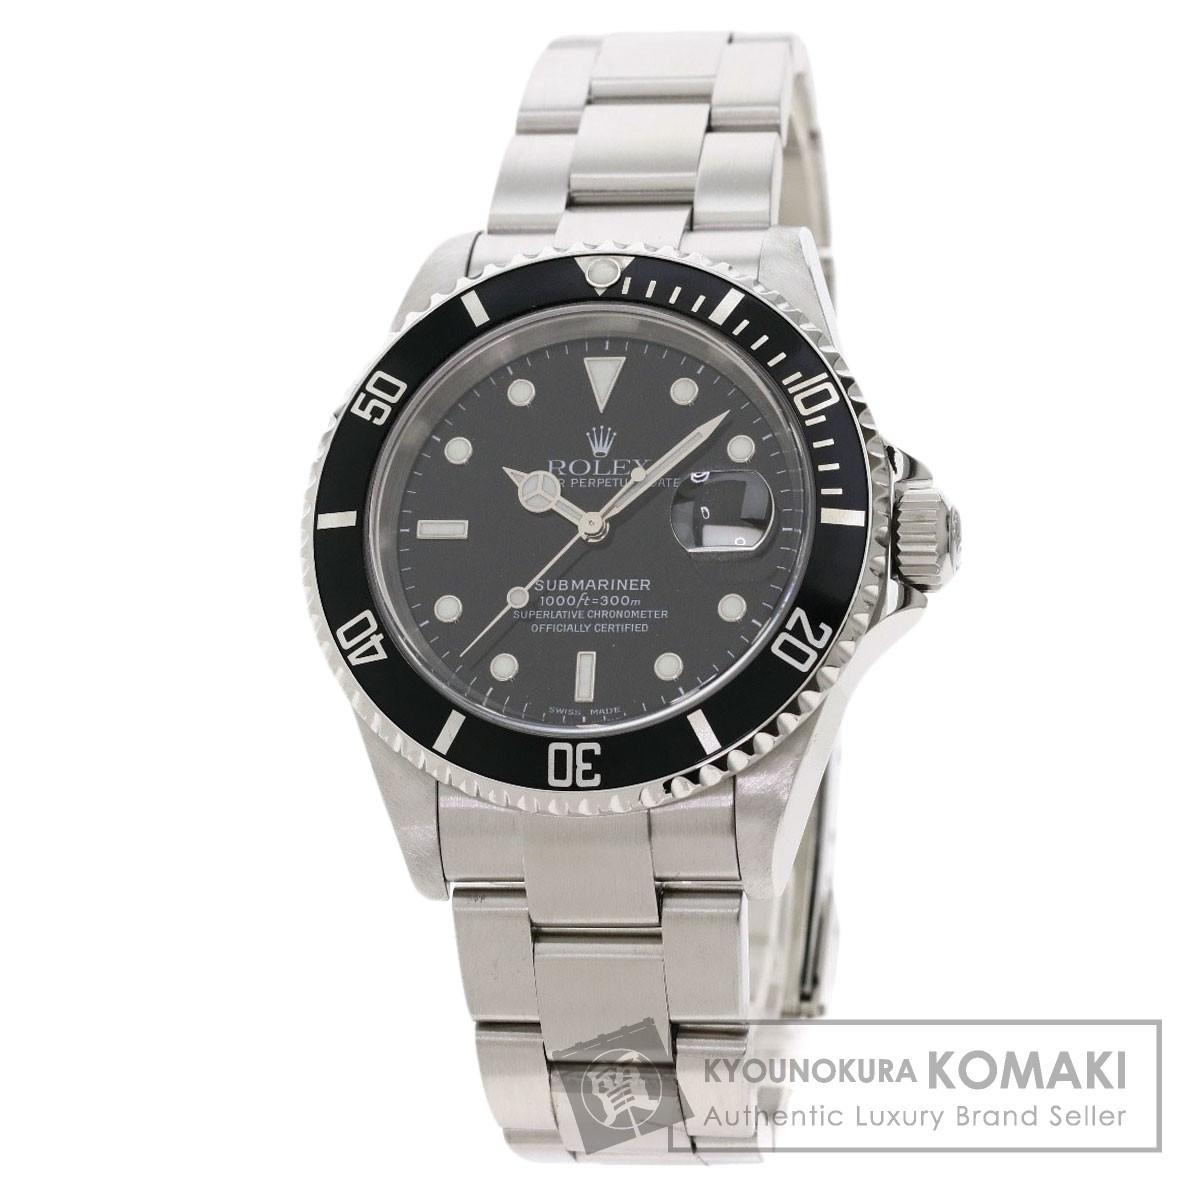 海外並行輸入正規品 ロレックス 16610T サブマリーナデイト 腕時計 OH済 ステンレススチール/SS メンズ 【】【ROLEX】, ネックレスチェーン天然石 RUBBY fafb60c2